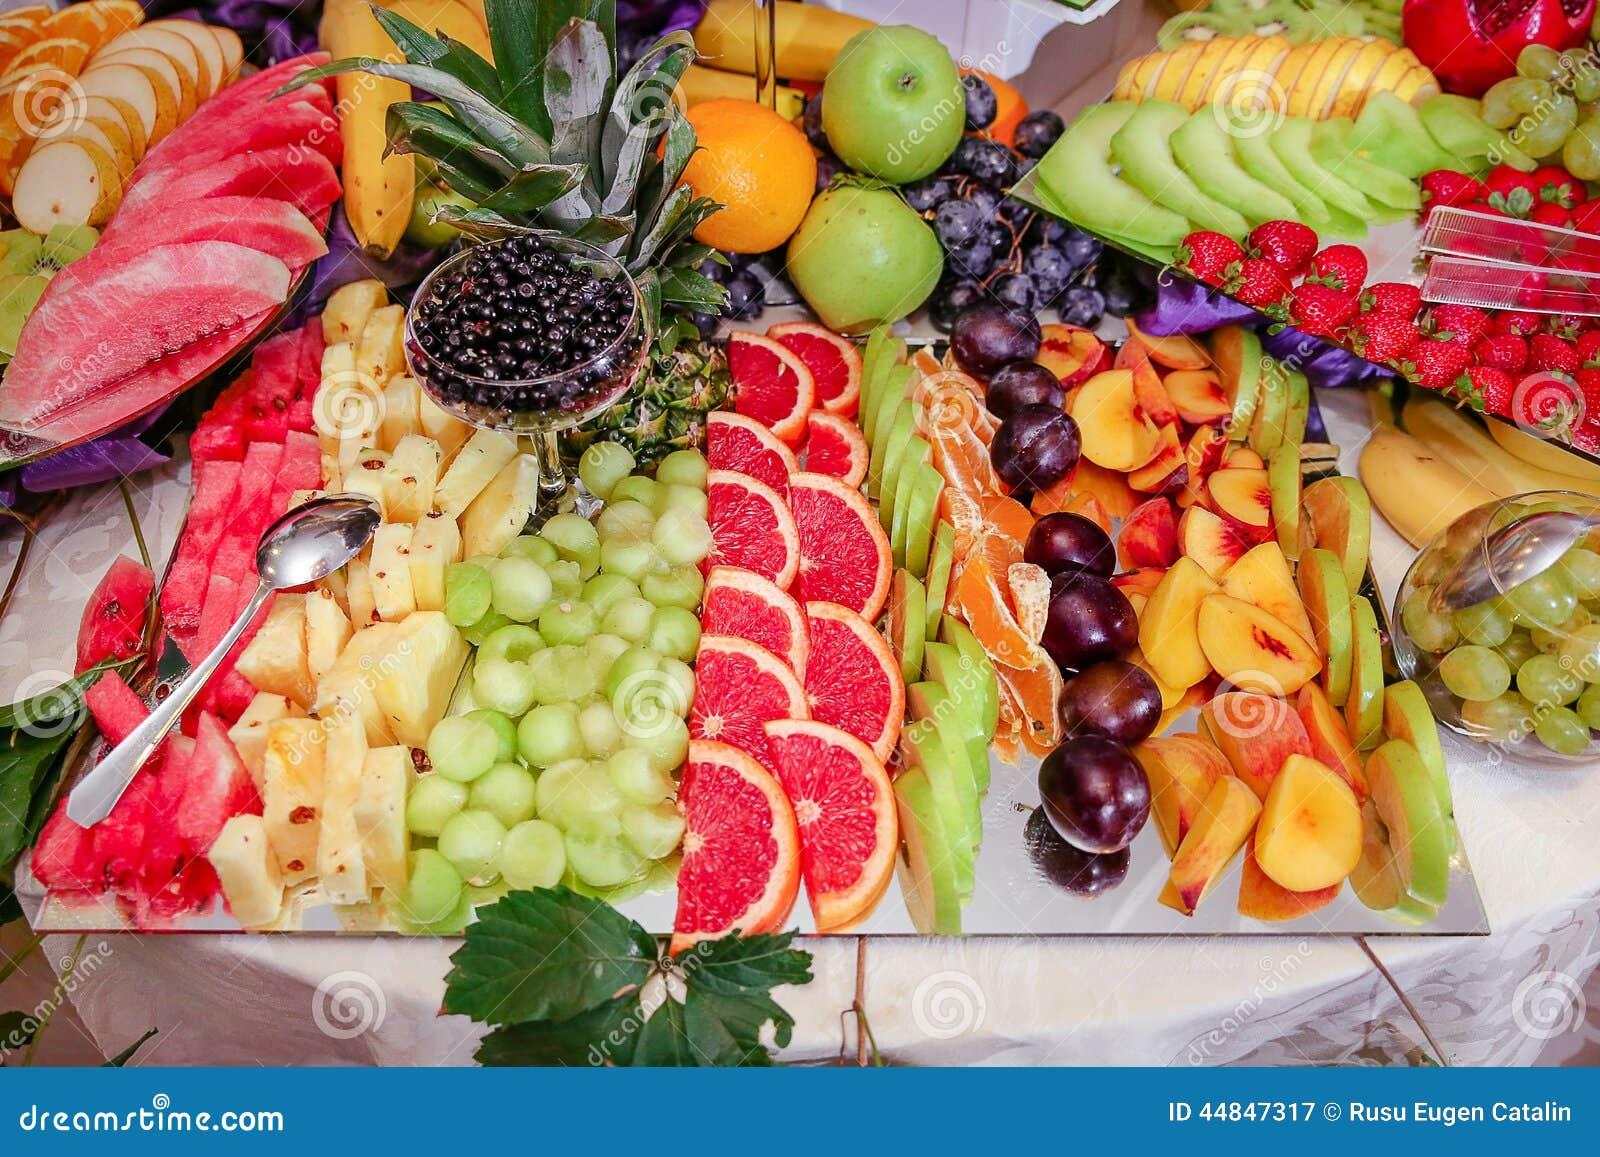 ≥ verzilverd fruitbestek art deco pers voorgerecht gebak